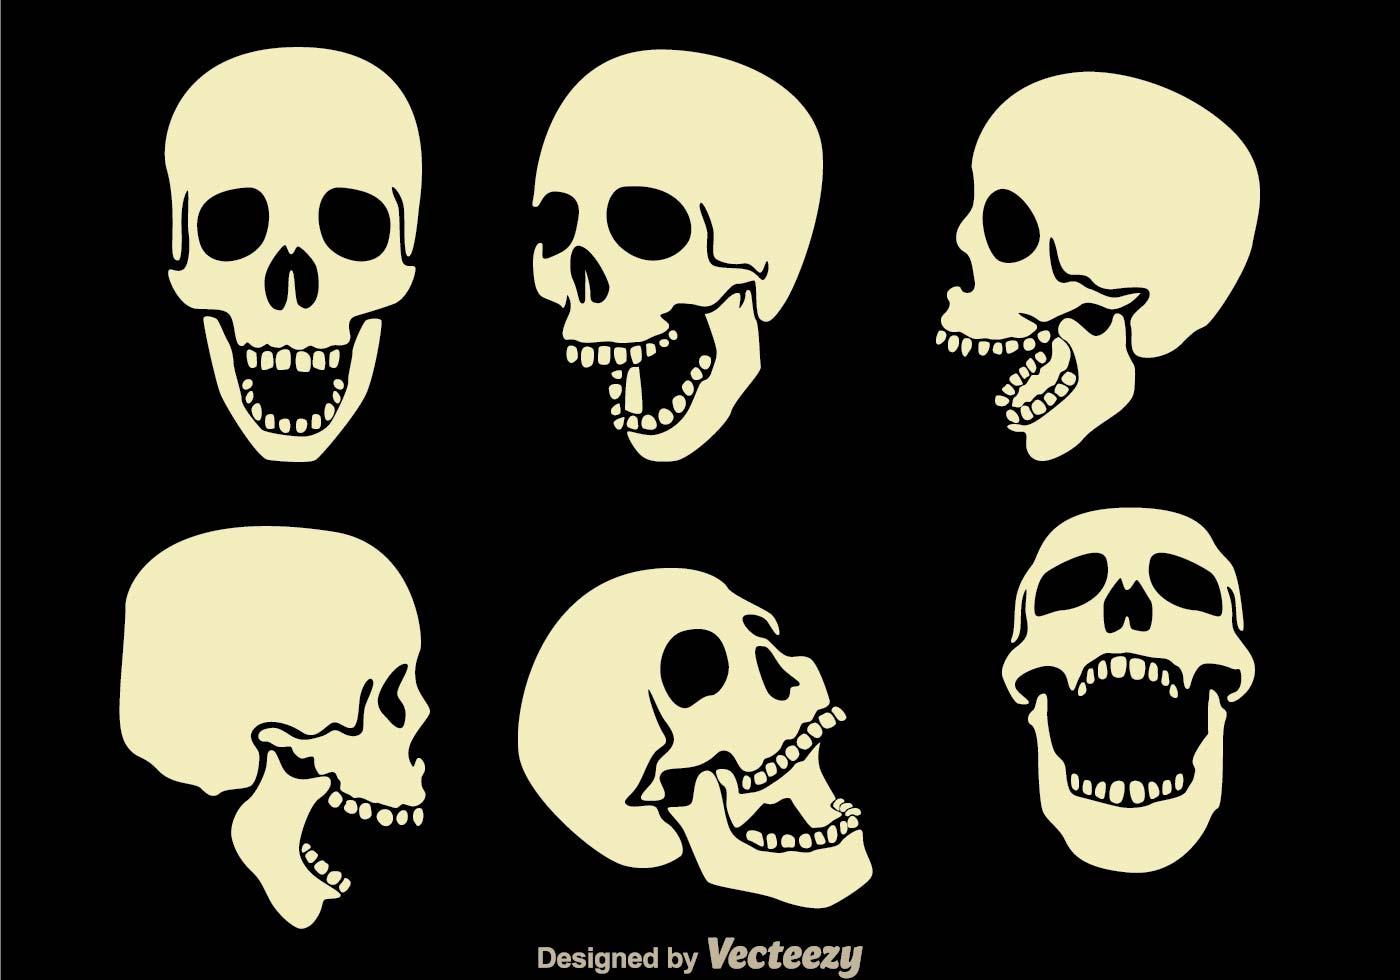 1400x980 > Skull Wallpapers